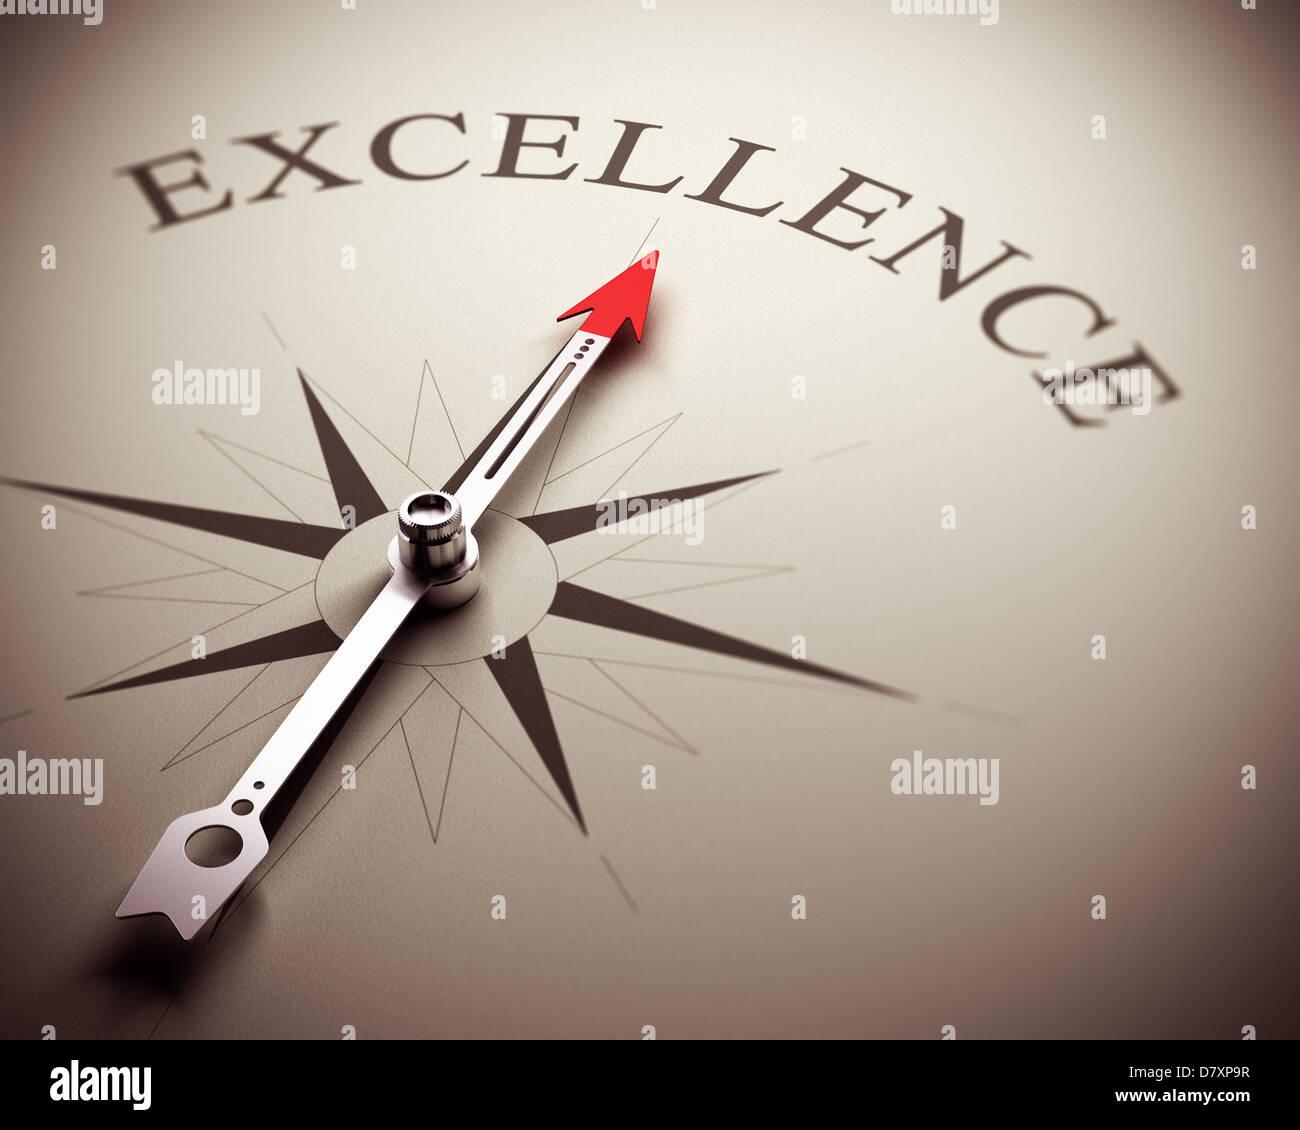 Kompass Nadel nach dem Wort Exzellenz, Bild passend für Business Konzept. 3D-Render Abbildung. Stockbild